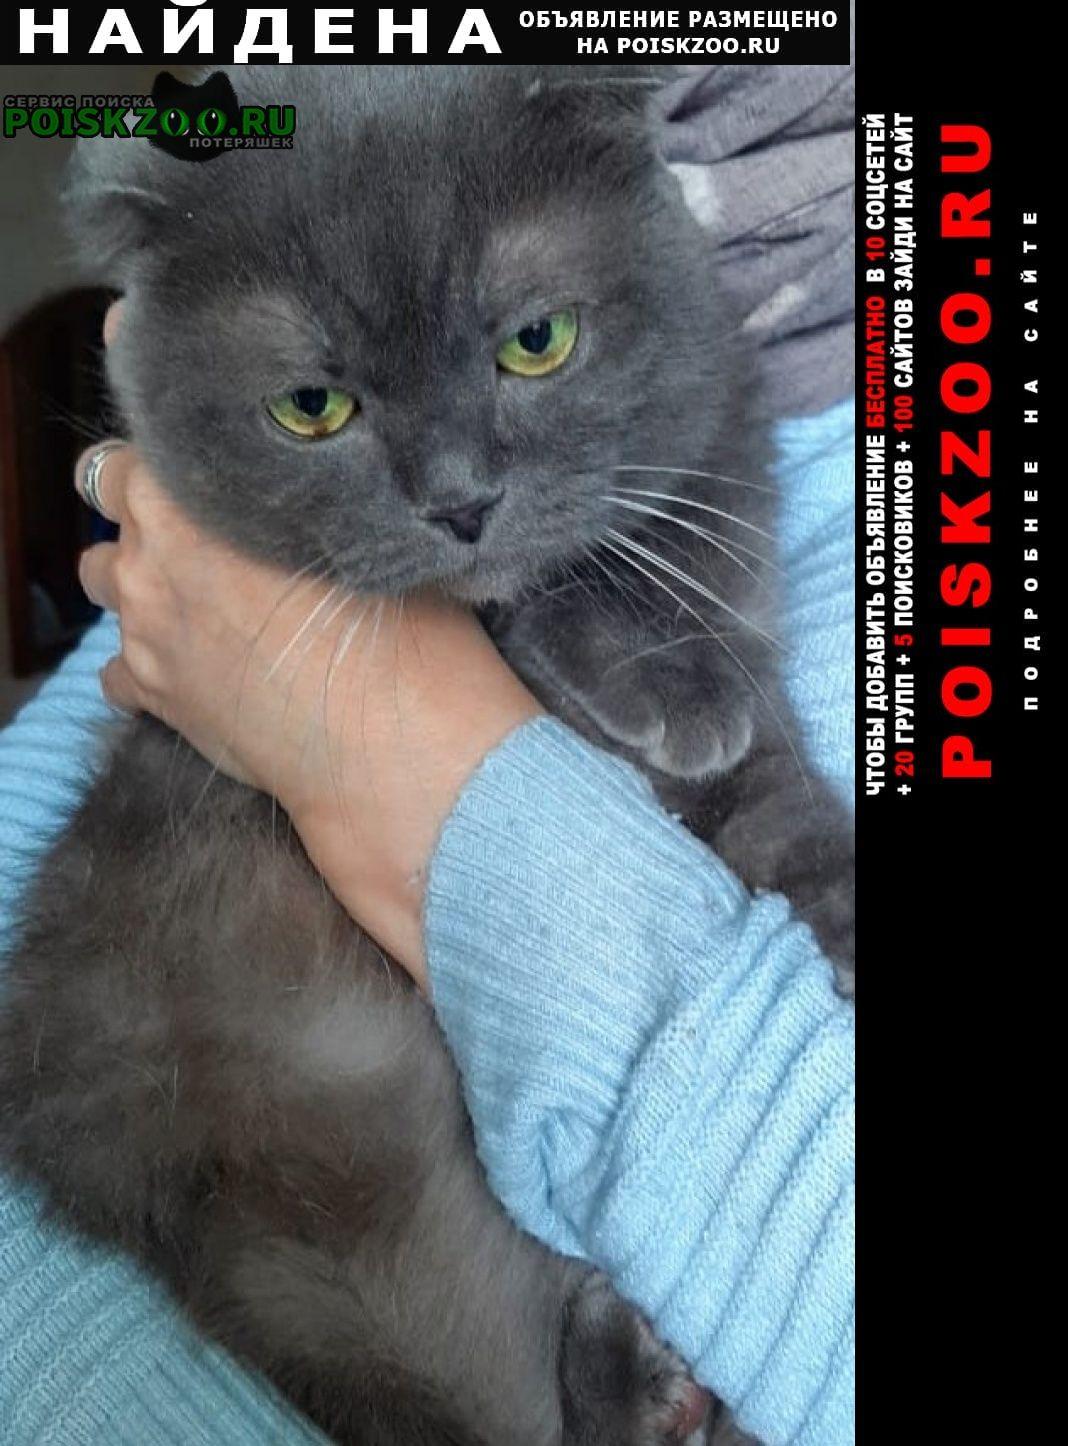 Найден кот Новороссийск